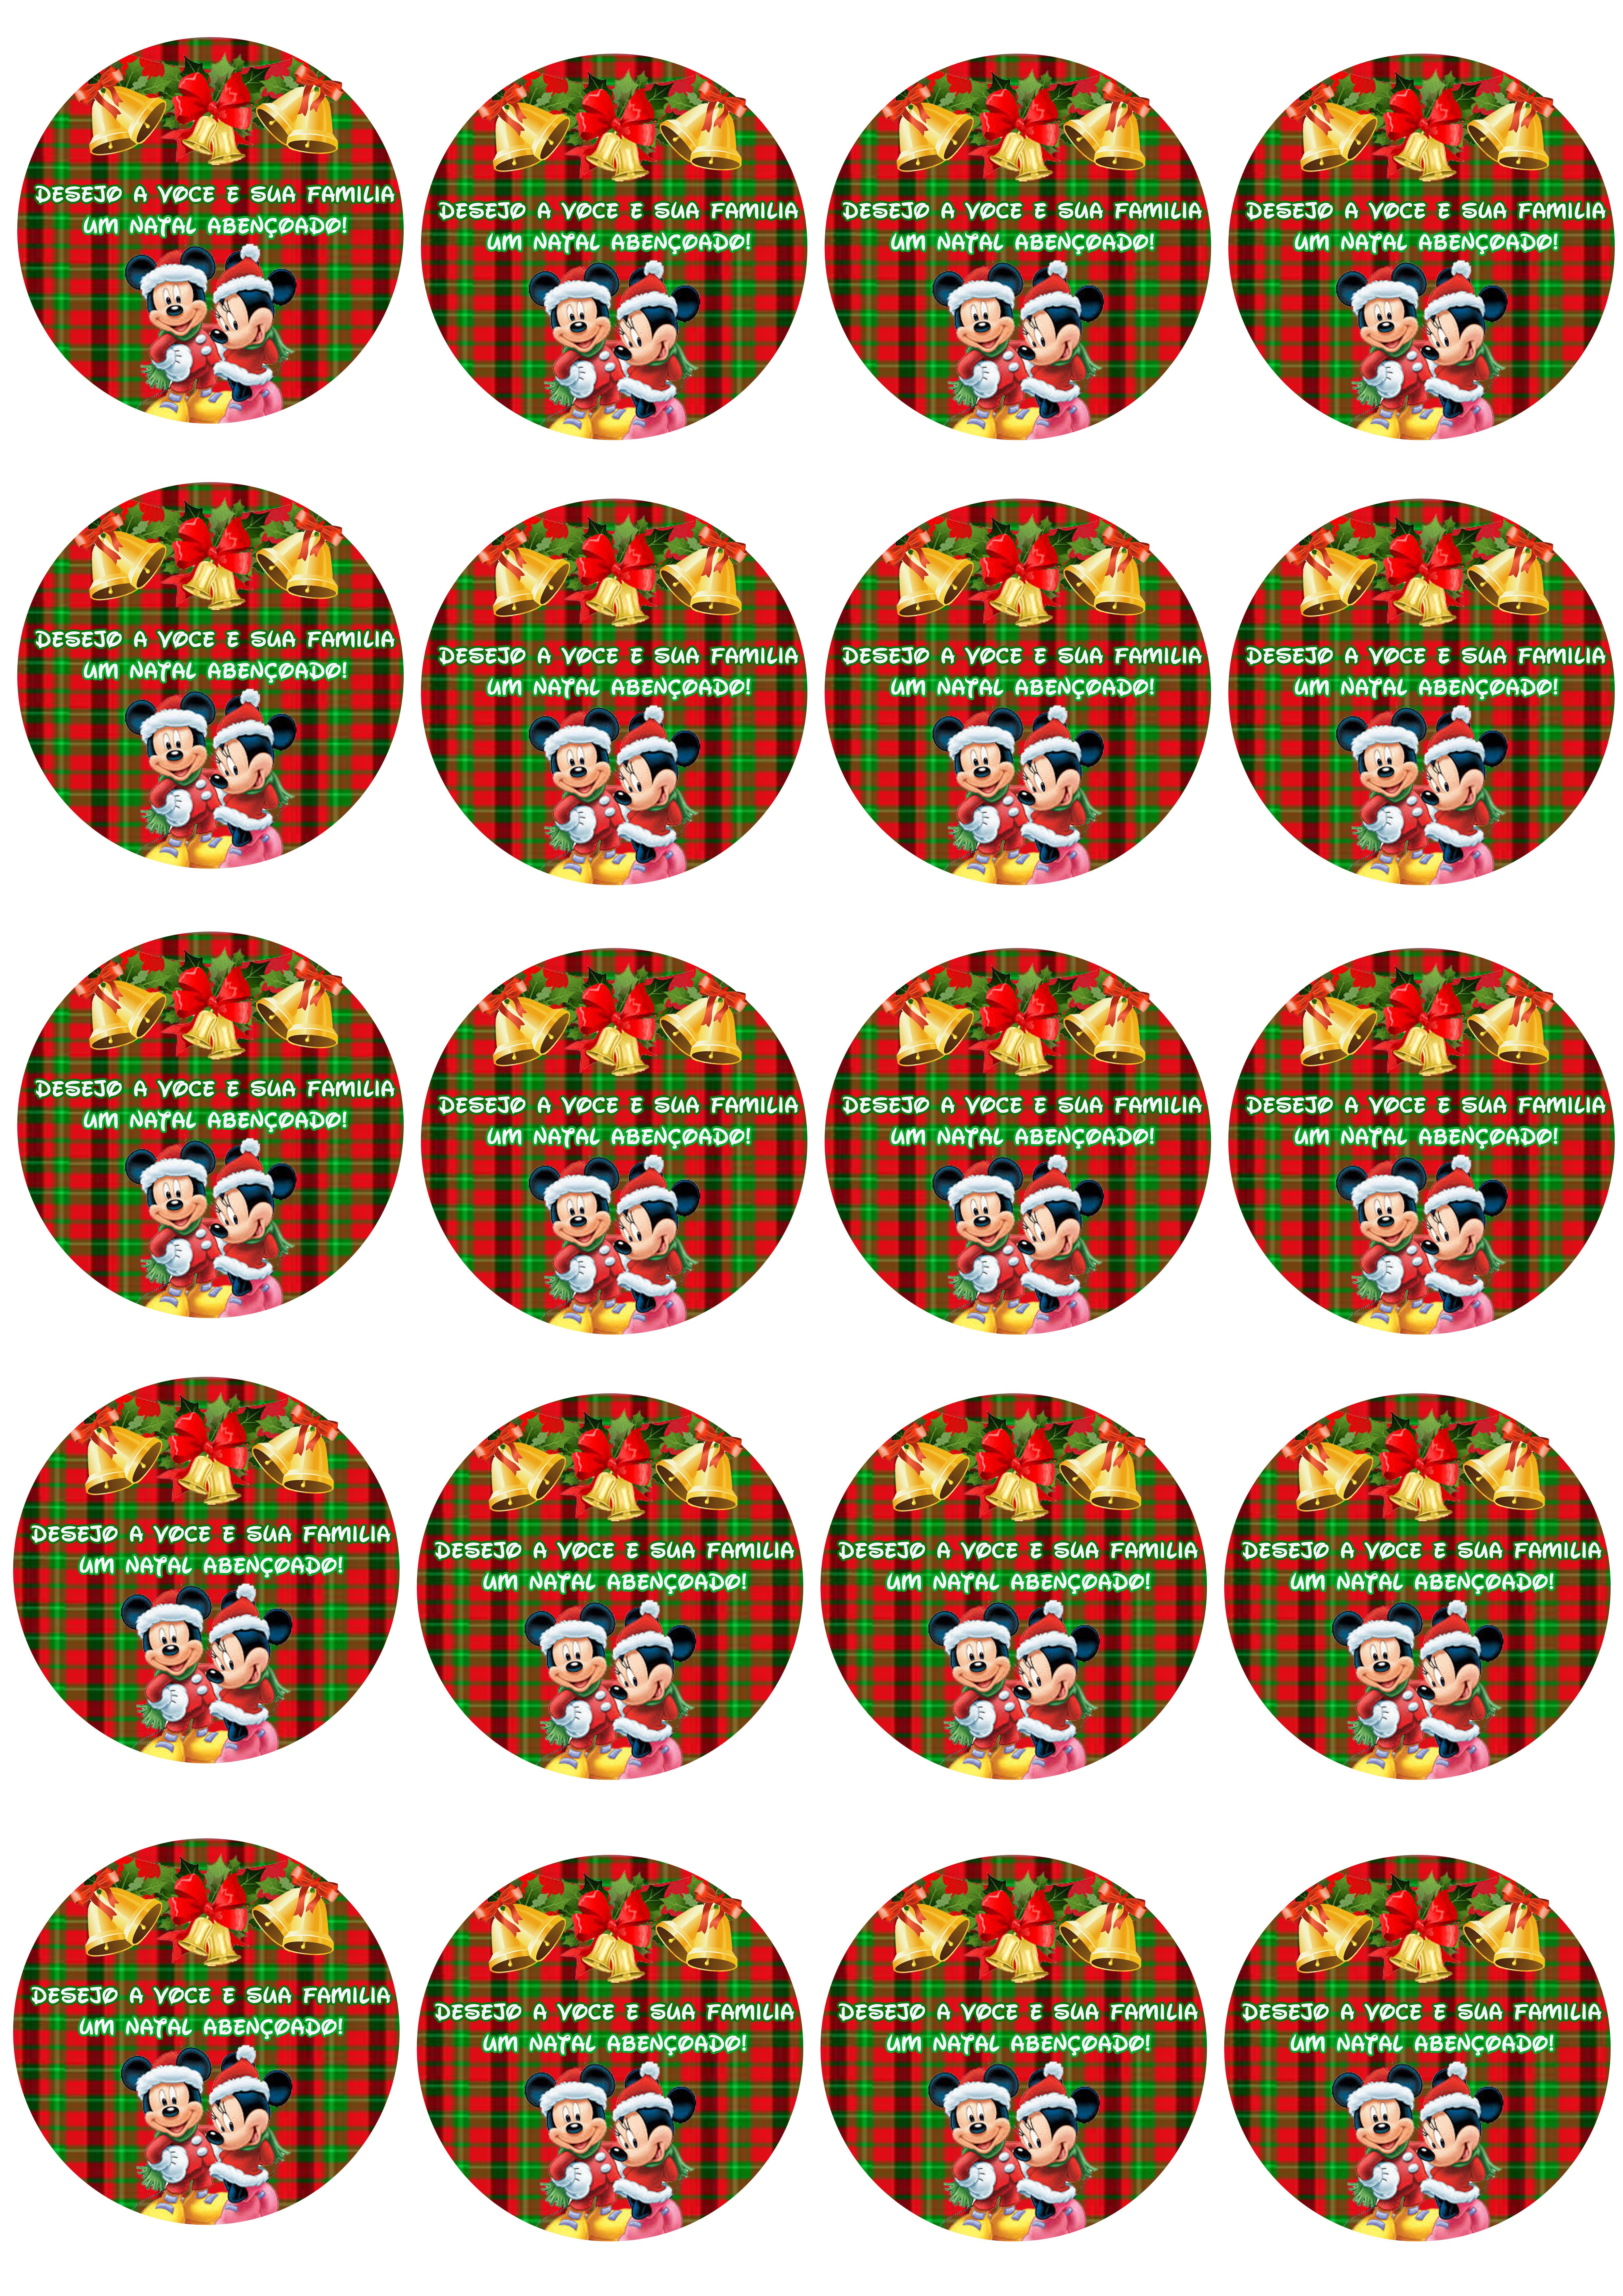 Armario Oriental Barato ~ Adesivo,Rótulo de Natal Para imprimir ANABELLE ARTE E CRIA u00c7 u00d5ES Elo7